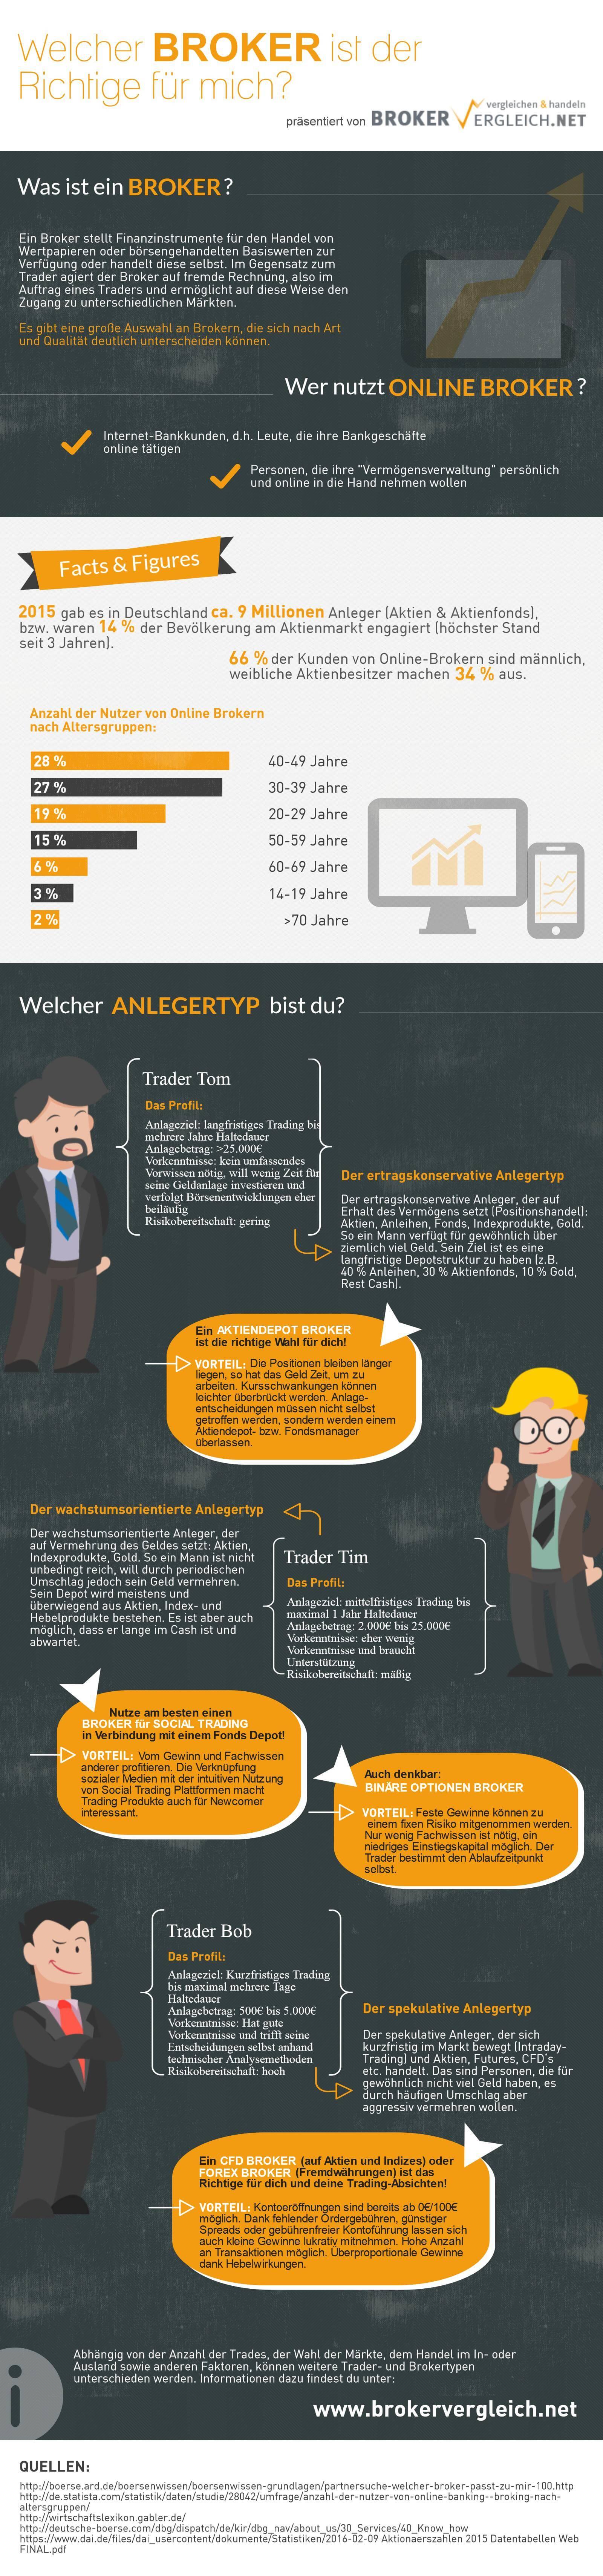 Infografik: Welcher Broker ist der Richtige für mich?